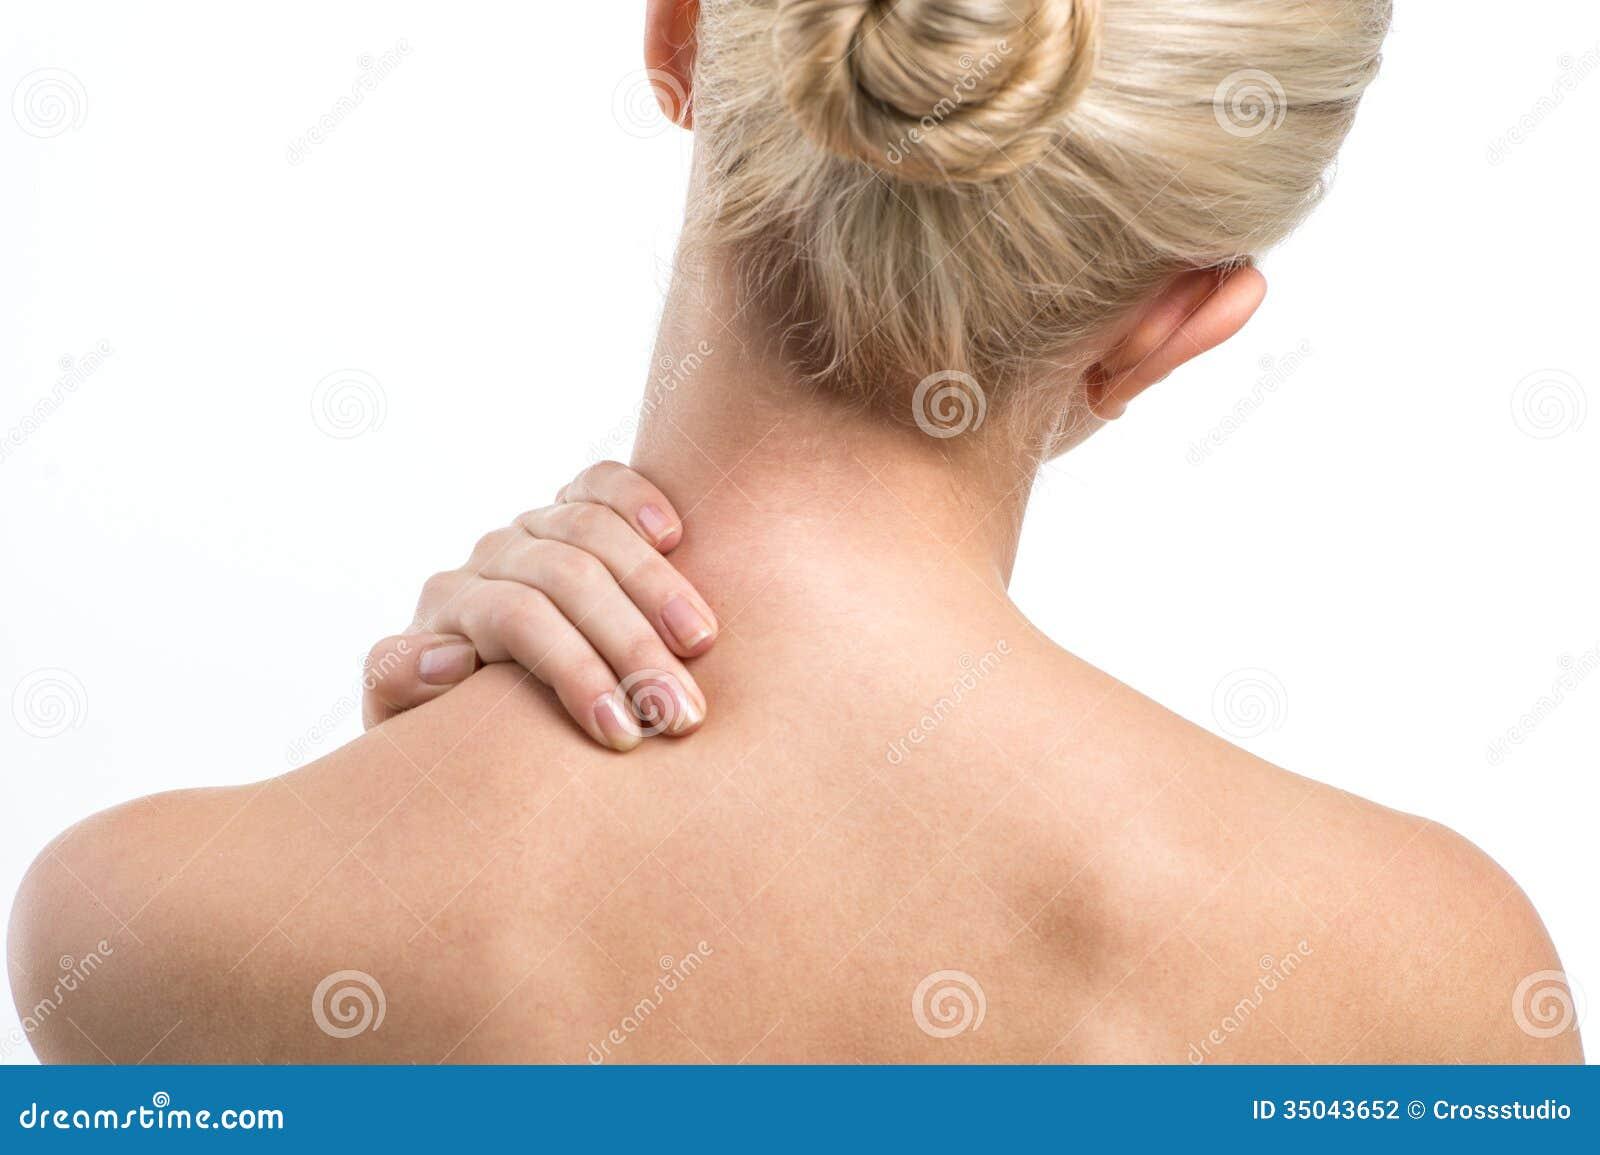 Dolori nel fondo di uno stomaco che dà a una vita a mensilmente